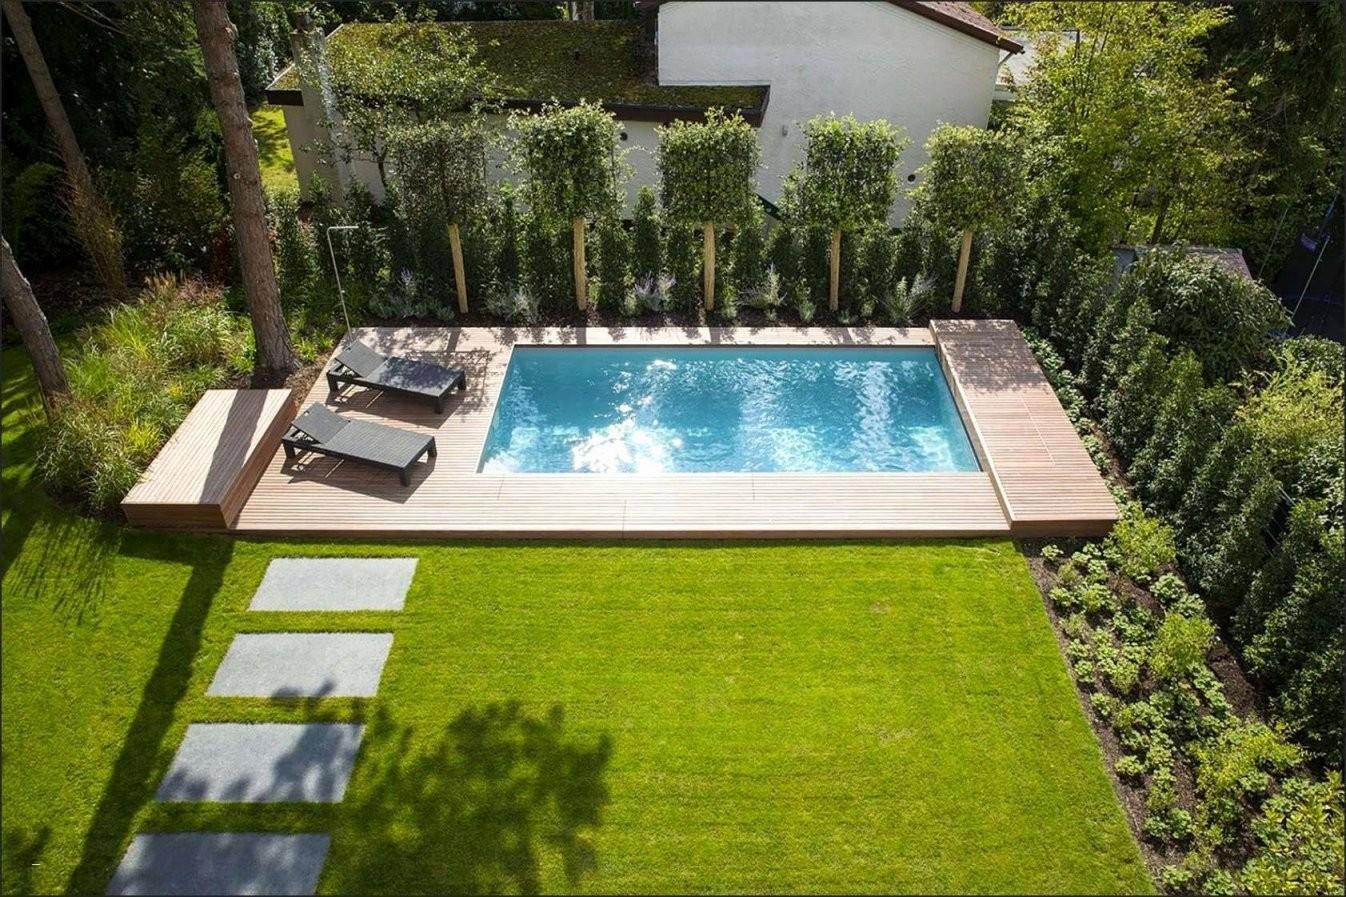 Pool Im Garten Neu 37 Inspirierend Pool Im Garten Selber Bauen von Pool Rutsche Selber Bauen Photo